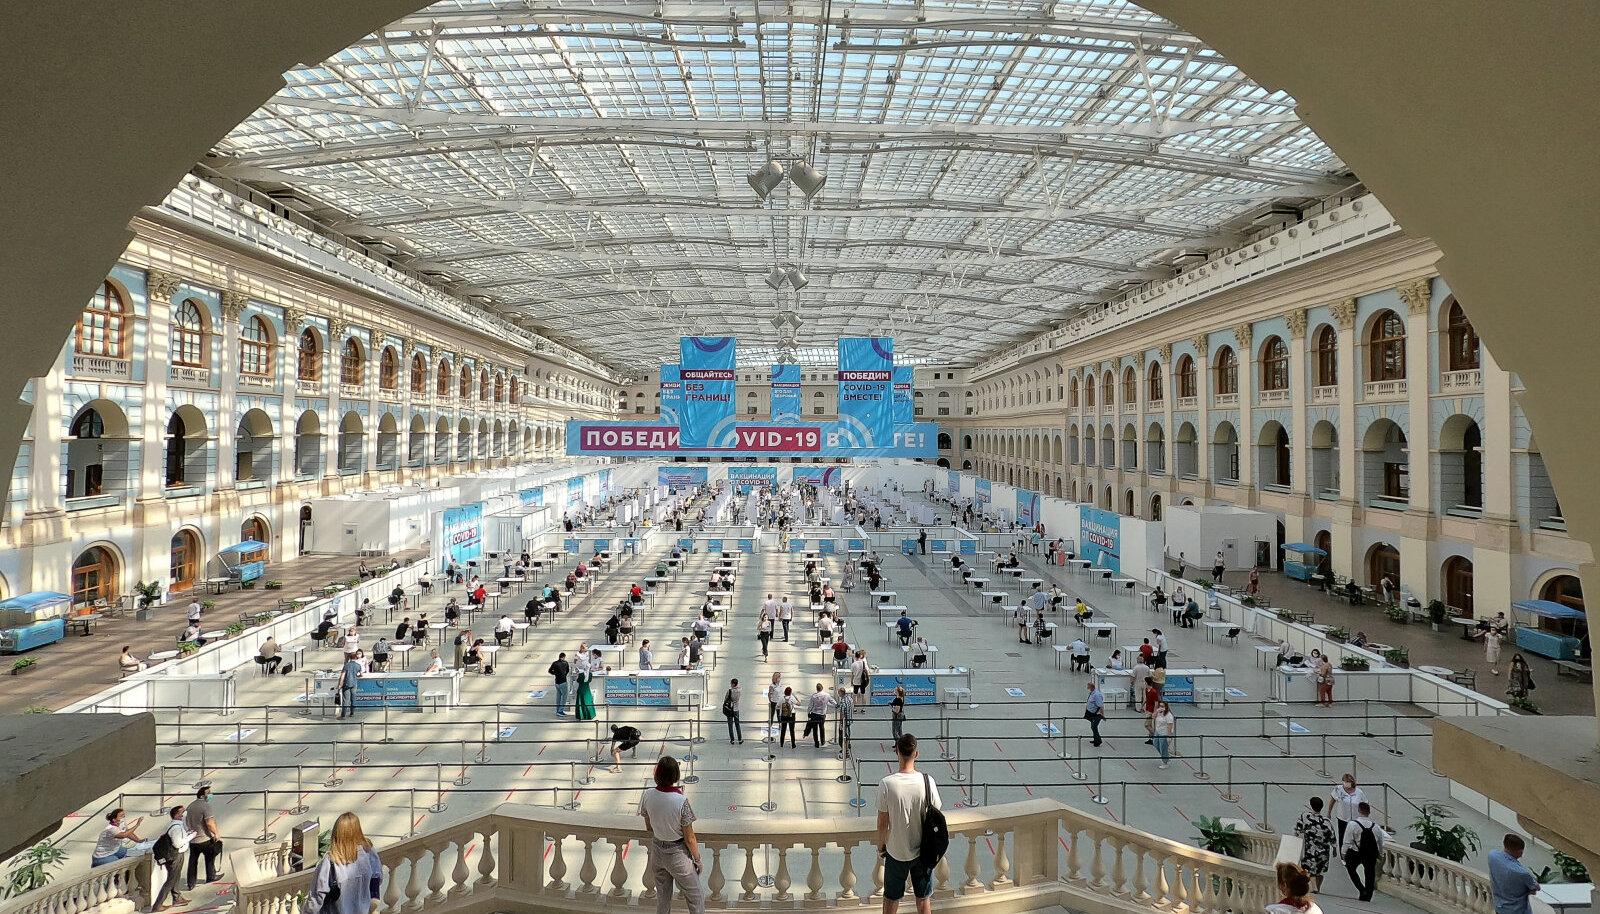 Euroopa üks suurimaid vaktsineerimiskeskuseid Moskvas Gostinnõi Dvori paviljonis.